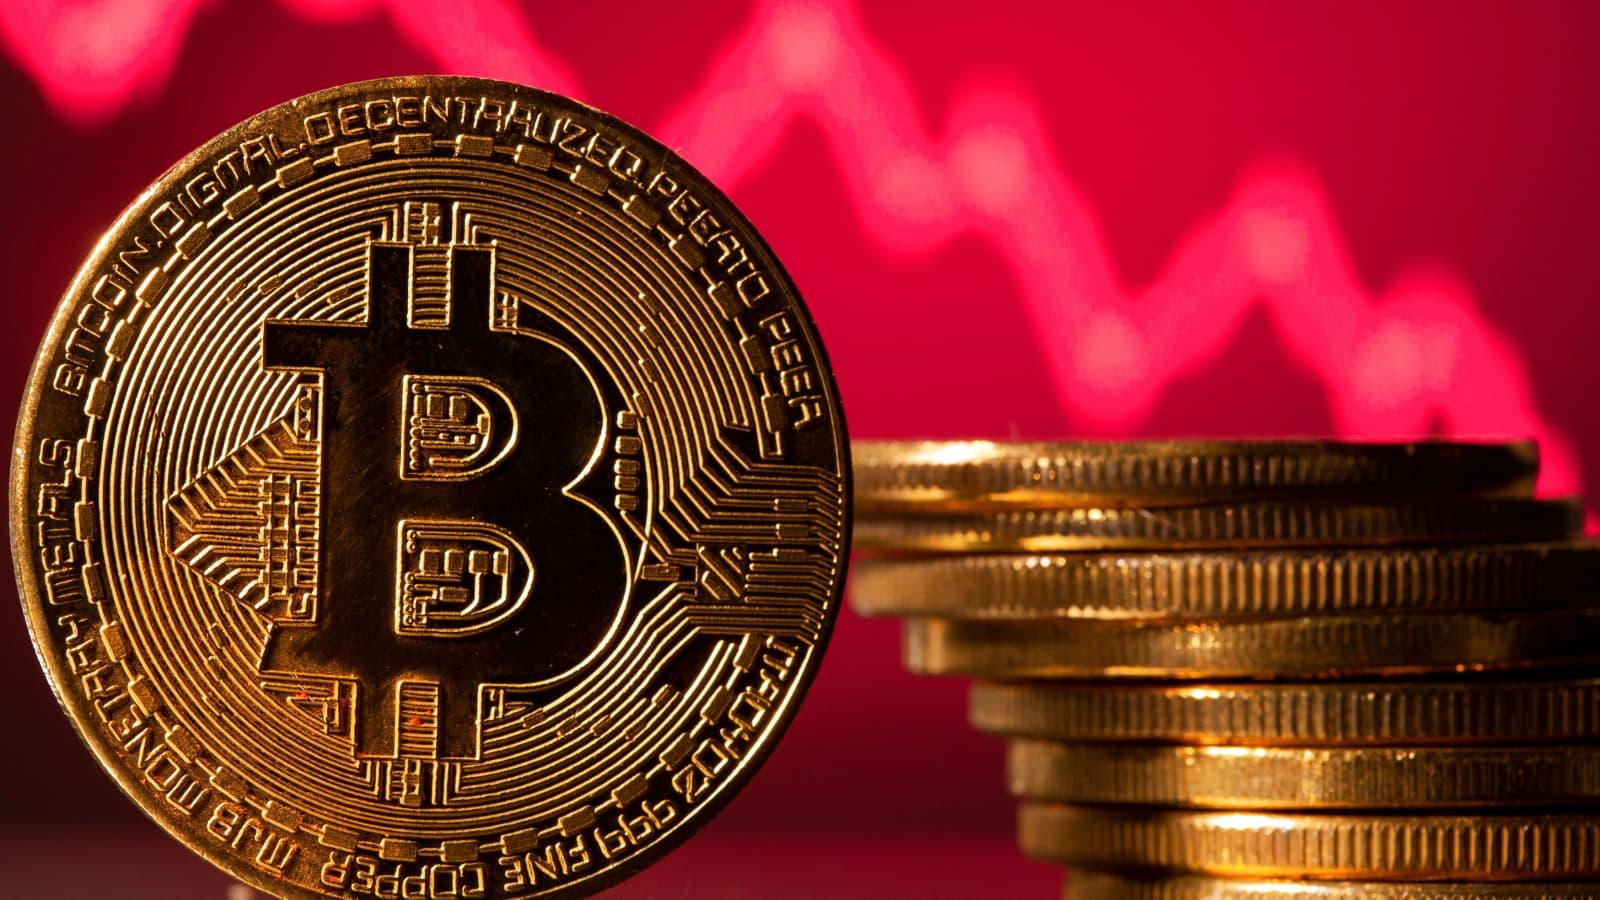 Binance shuts down Hong Kong customers' access to crypto derivatives trading